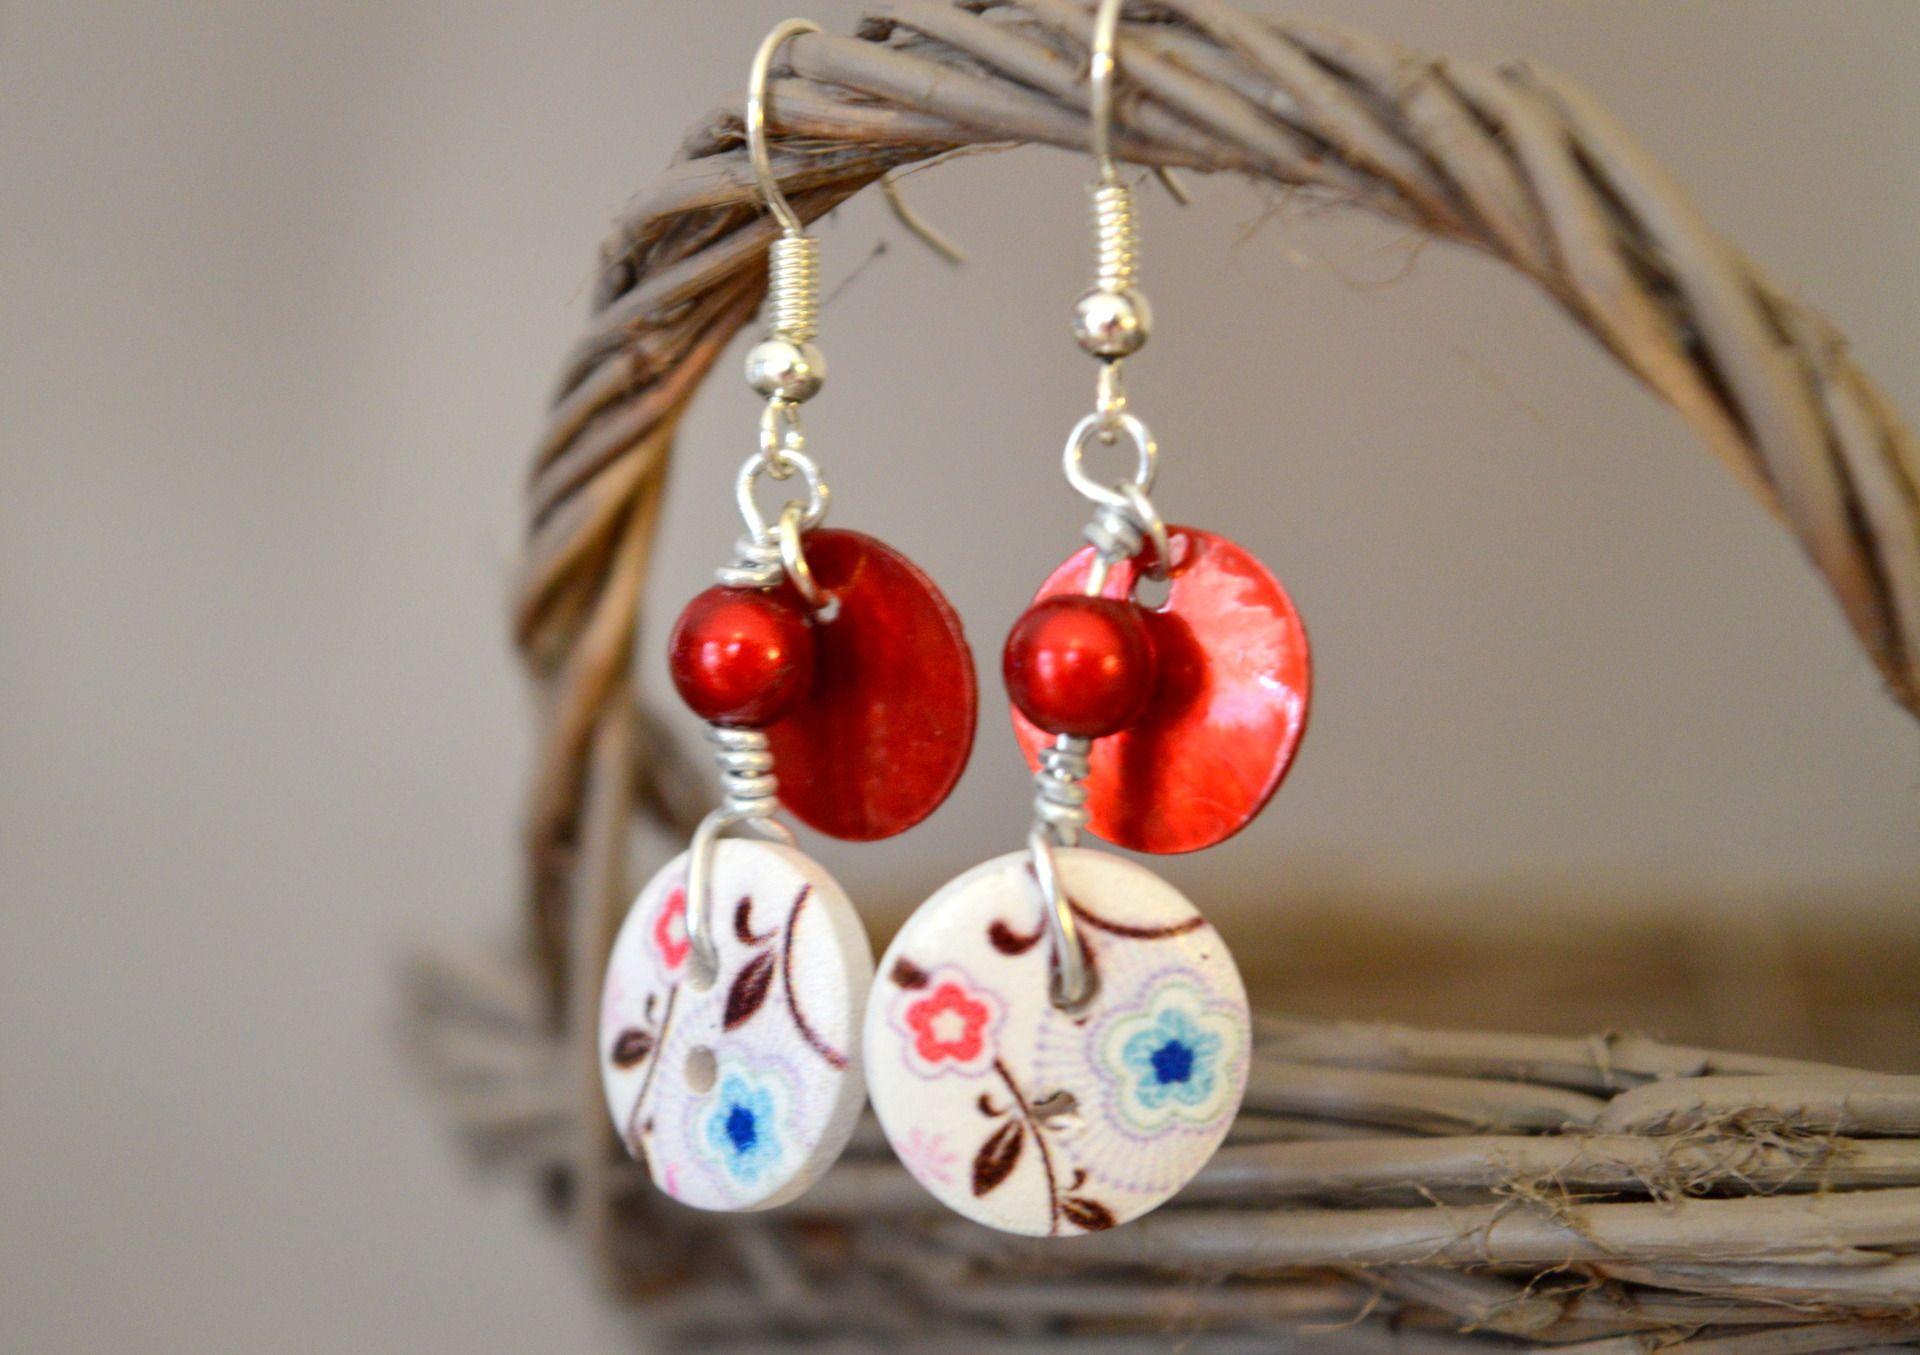 Boucles d'oreilles sans nickel, boutons bois fleurs rouges et bleues et nacres - Bijoux TessNess : Boucles d'oreille par tessness